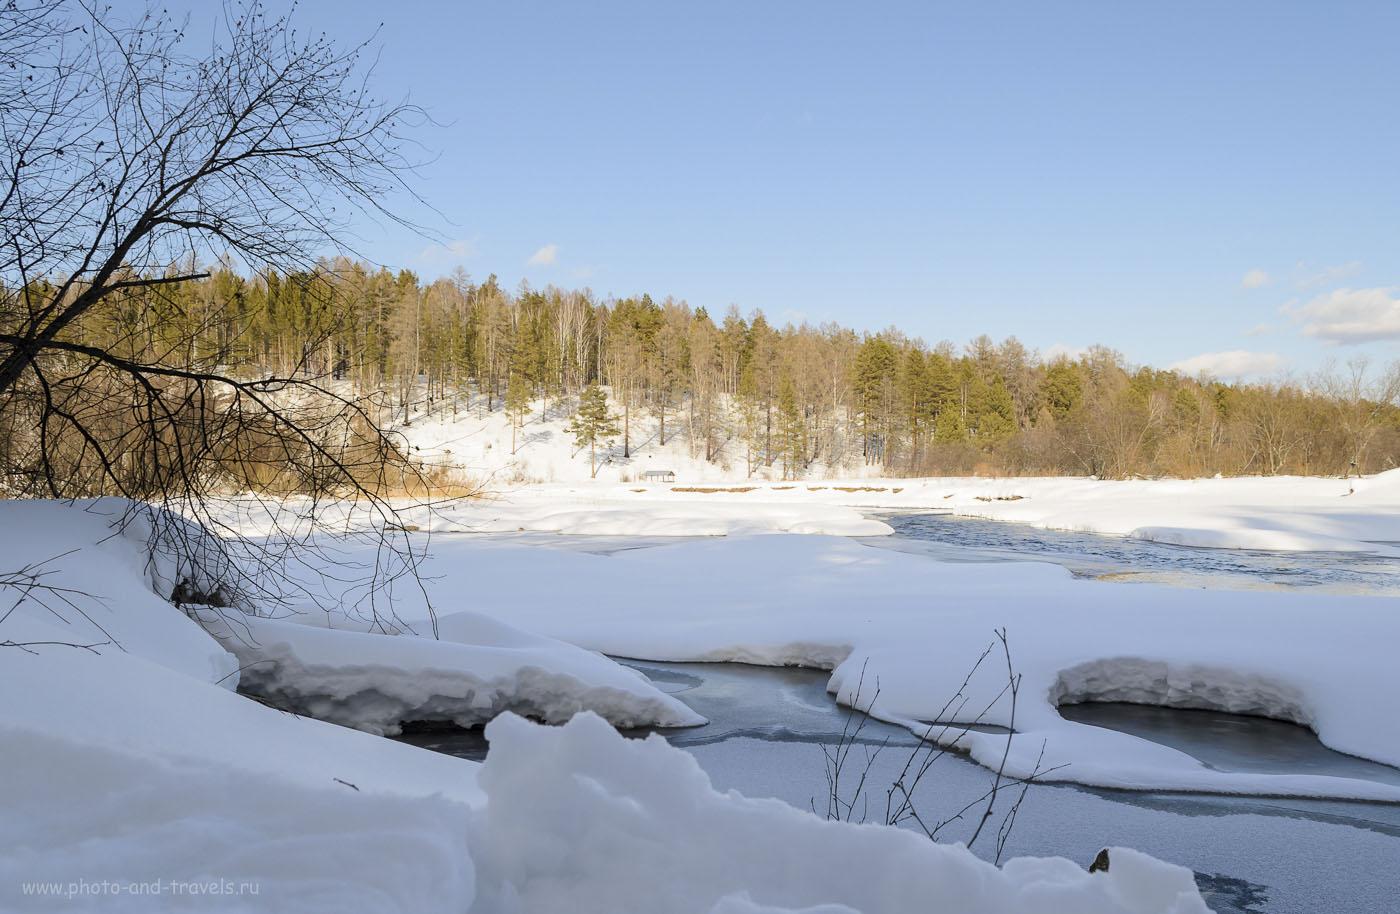 """Фото №3. Река Серга в Природном парке """"Оленьи ручьи"""". Так он выглядит зимой. Походы выходного дня из Екатеринбурга. Все зимние кадры получены на зеркальный фотоаппарат с КИТовым объективом Nikon D5100 KIT 18-55 VR."""